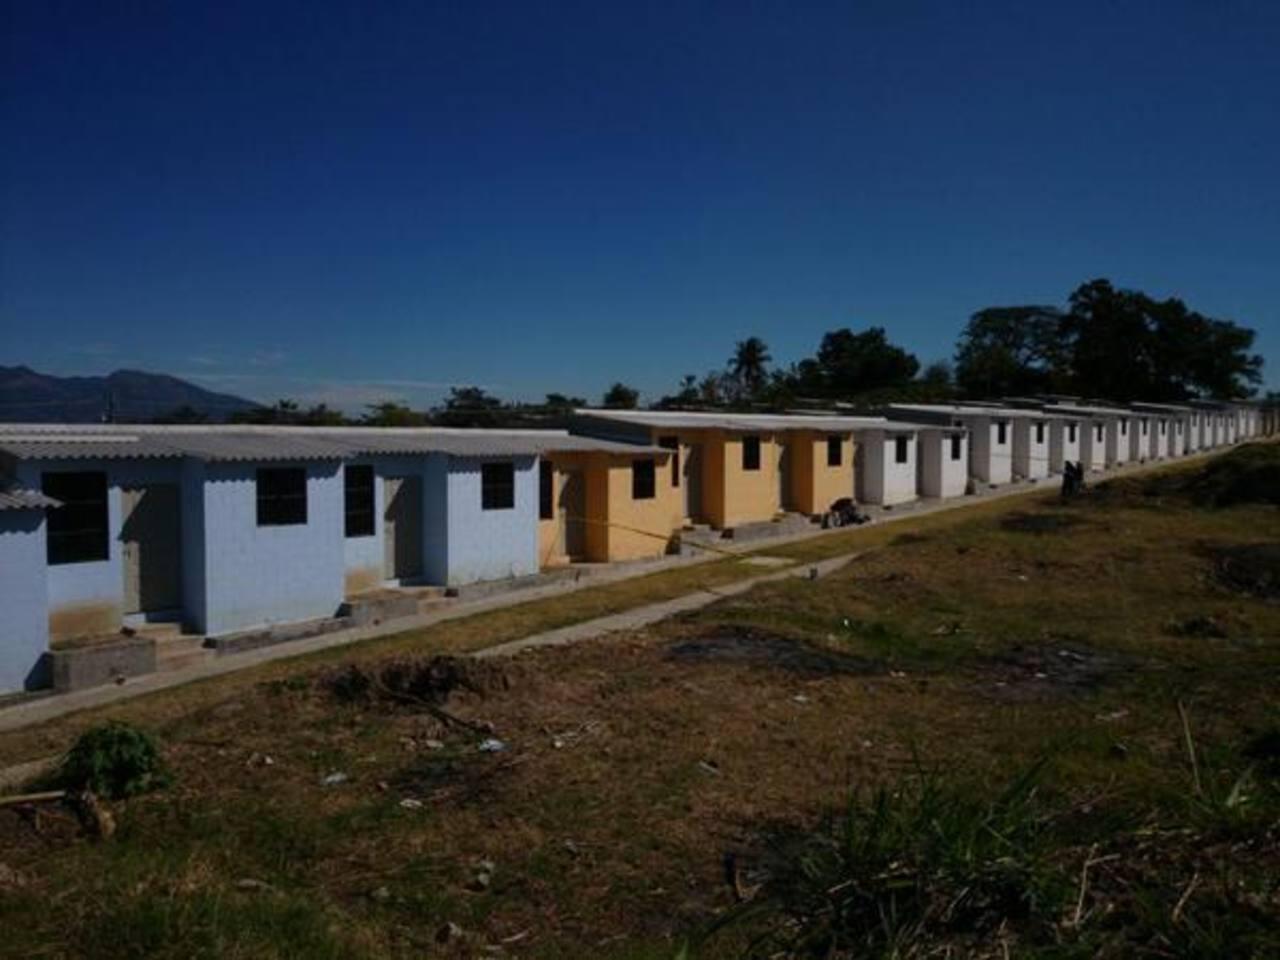 Un hombre fue asesinado en la urbanización Lirios del Norte 4, en Cuscatancingo.